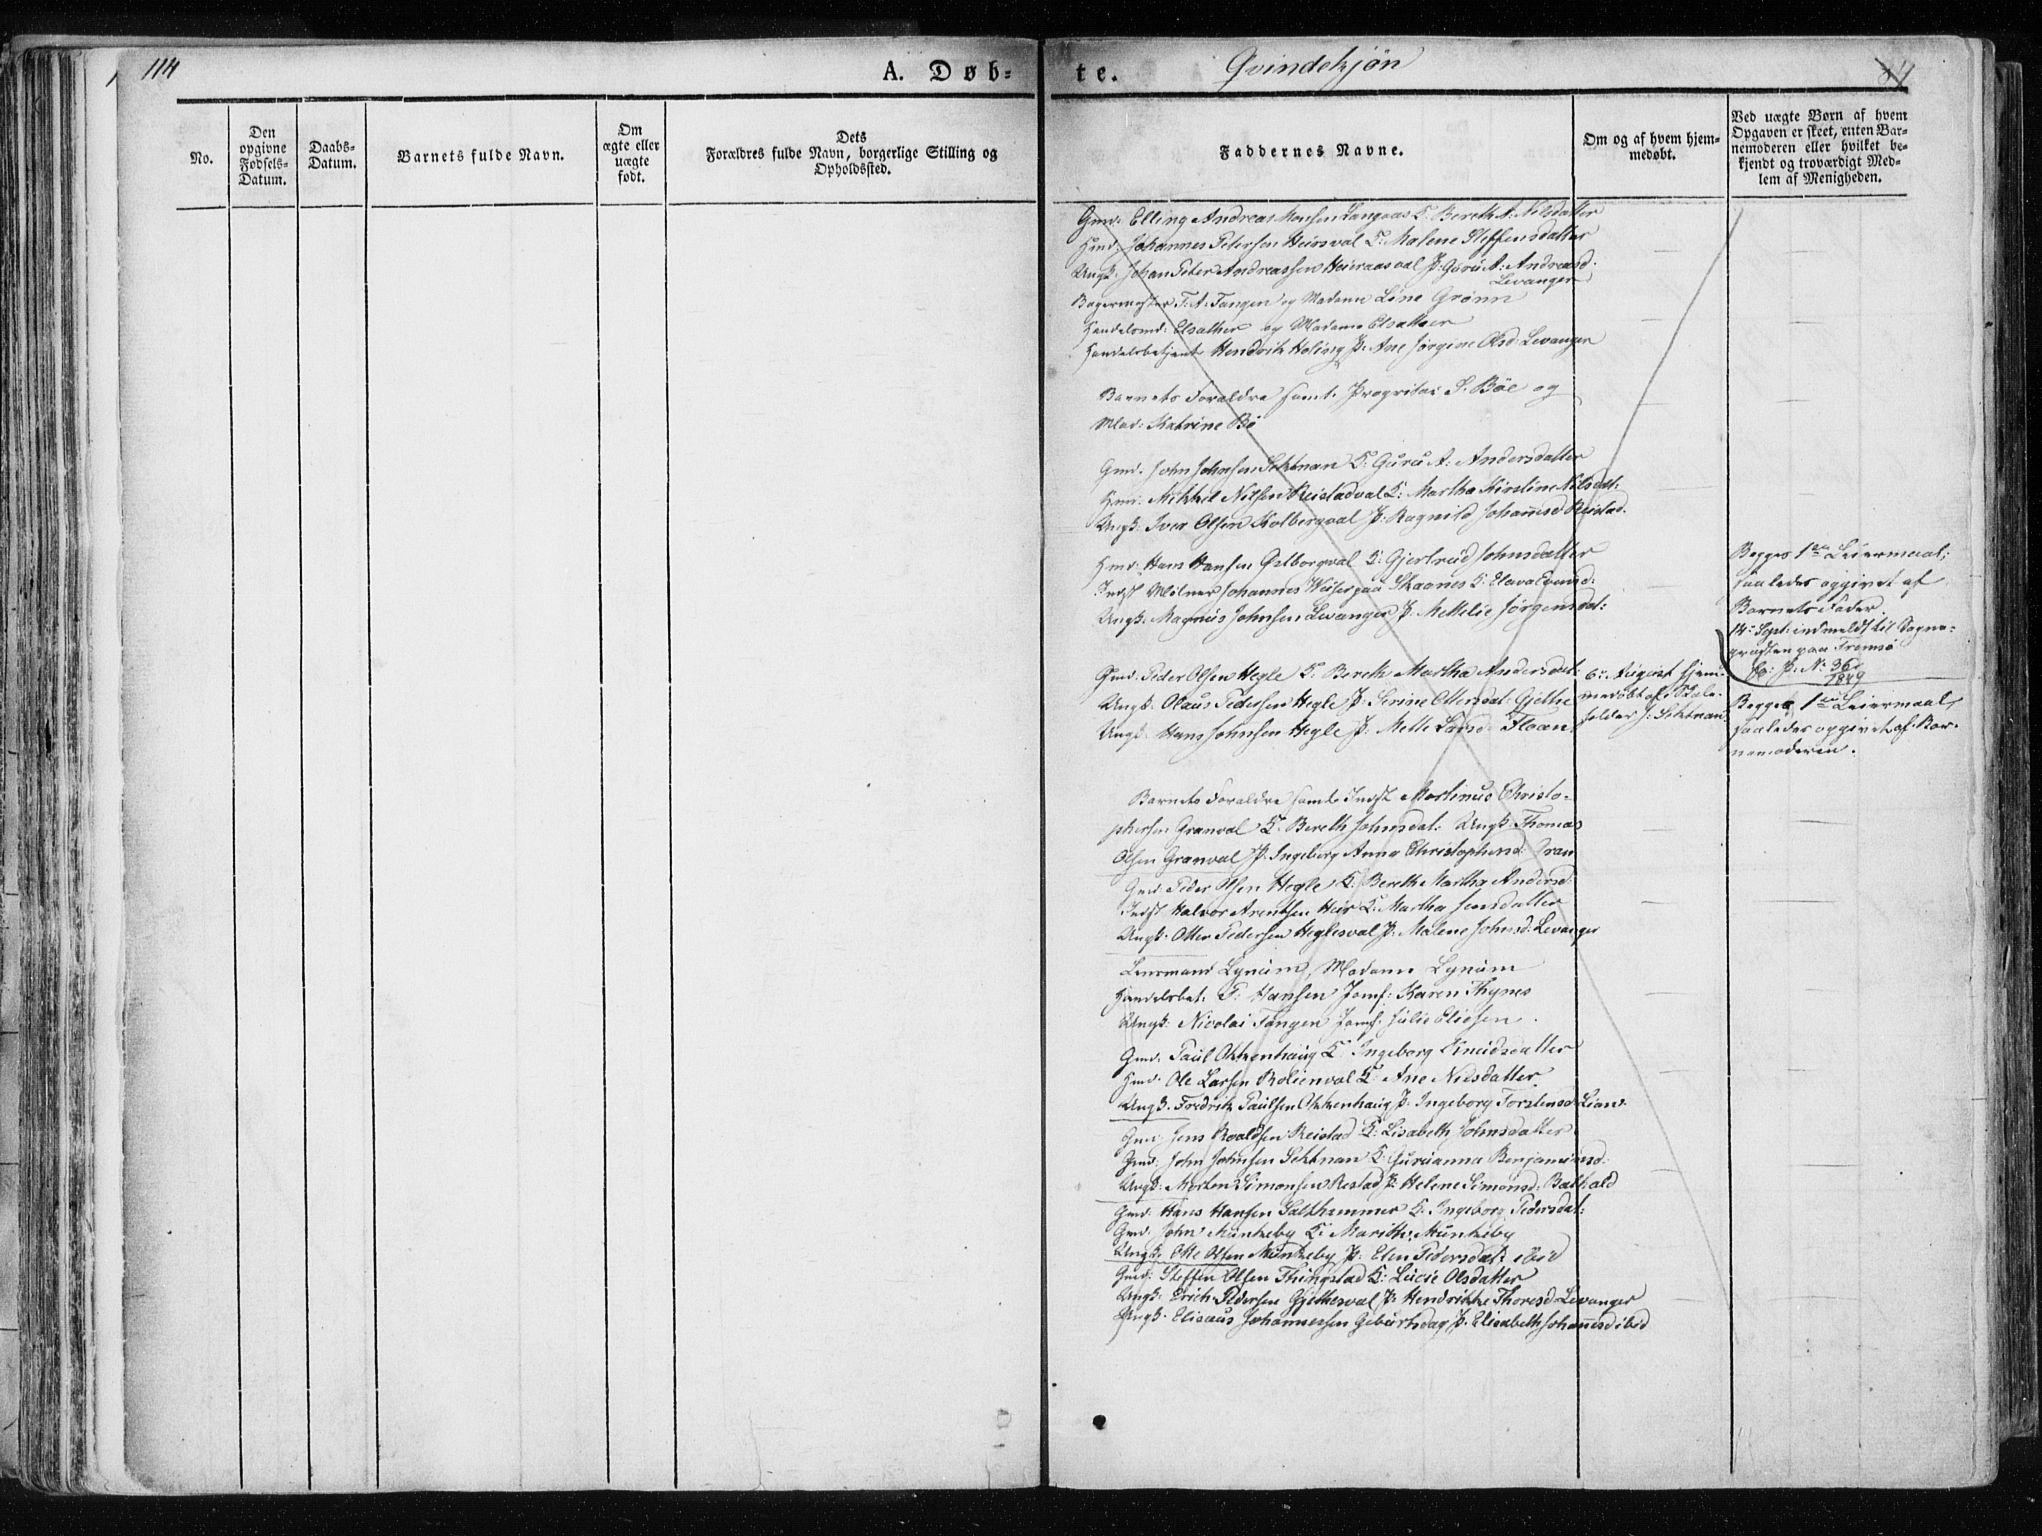 SAT, Ministerialprotokoller, klokkerbøker og fødselsregistre - Nord-Trøndelag, 717/L0154: Ministerialbok nr. 717A06 /1, 1836-1849, s. 114